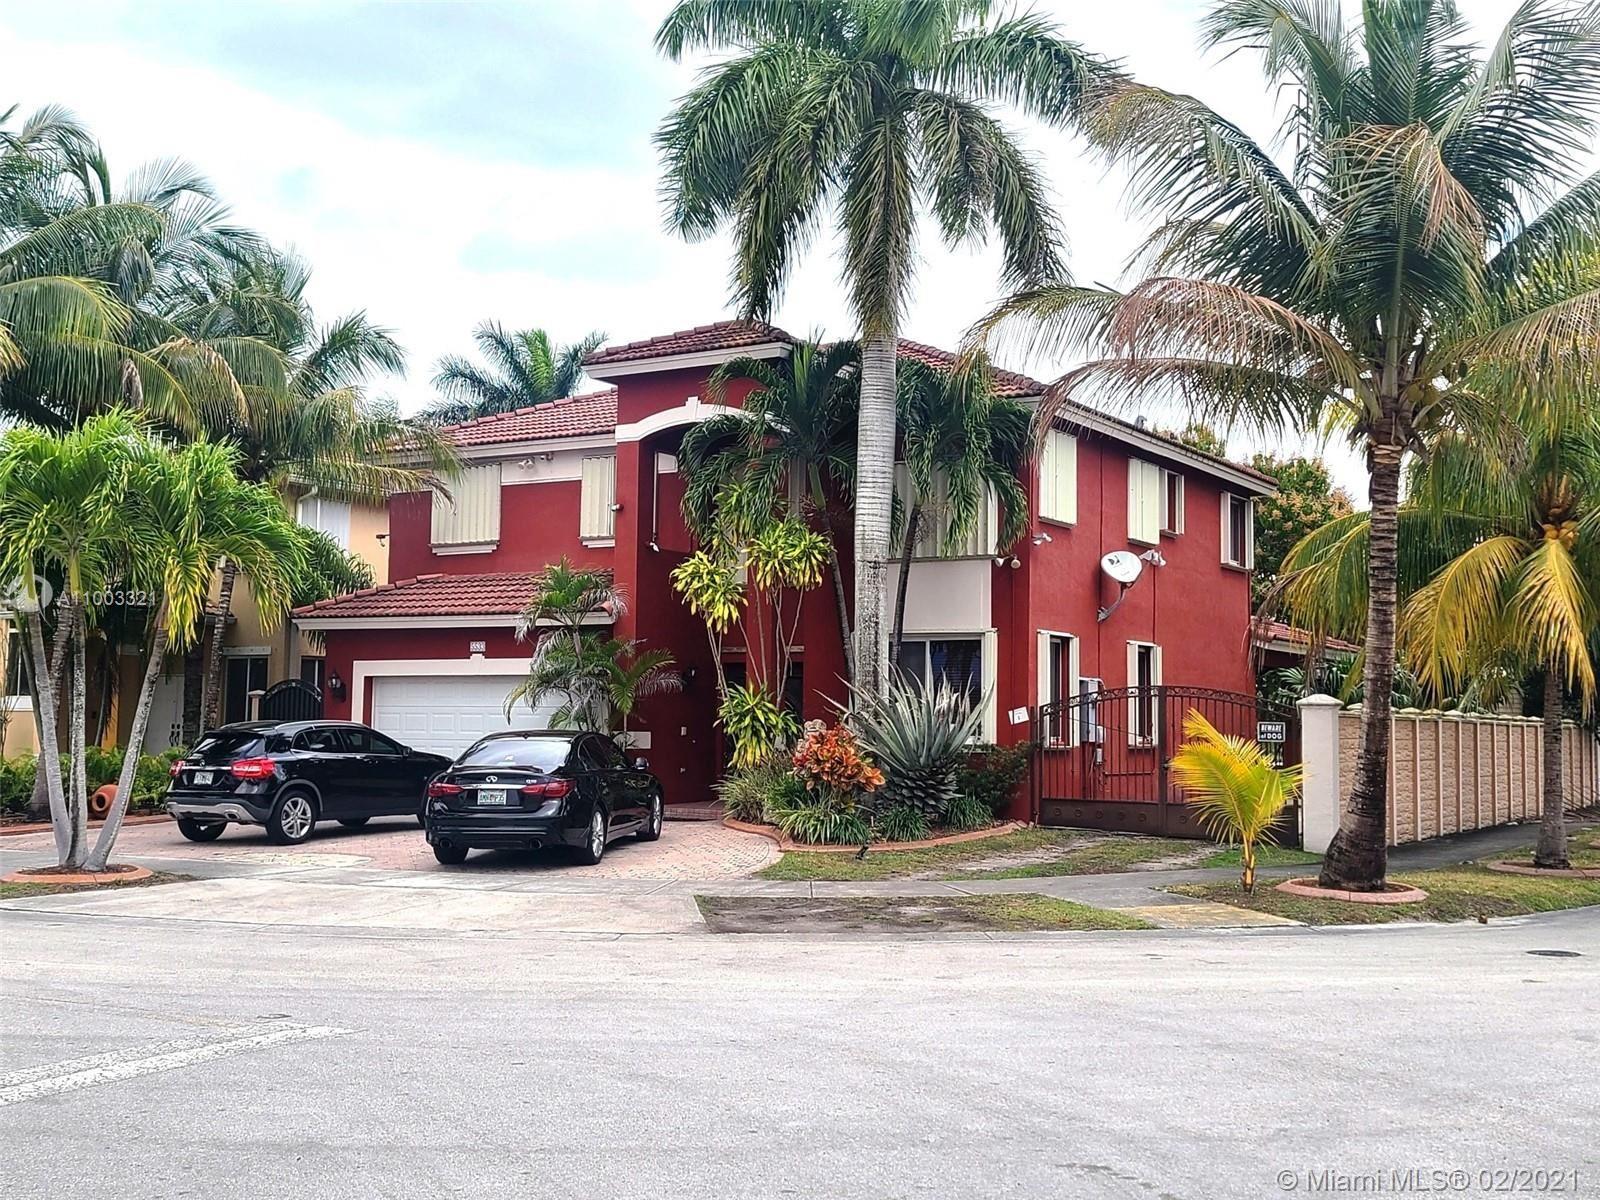 5533 SW 164th Ct, Miami, FL 33185 - #: A11003321